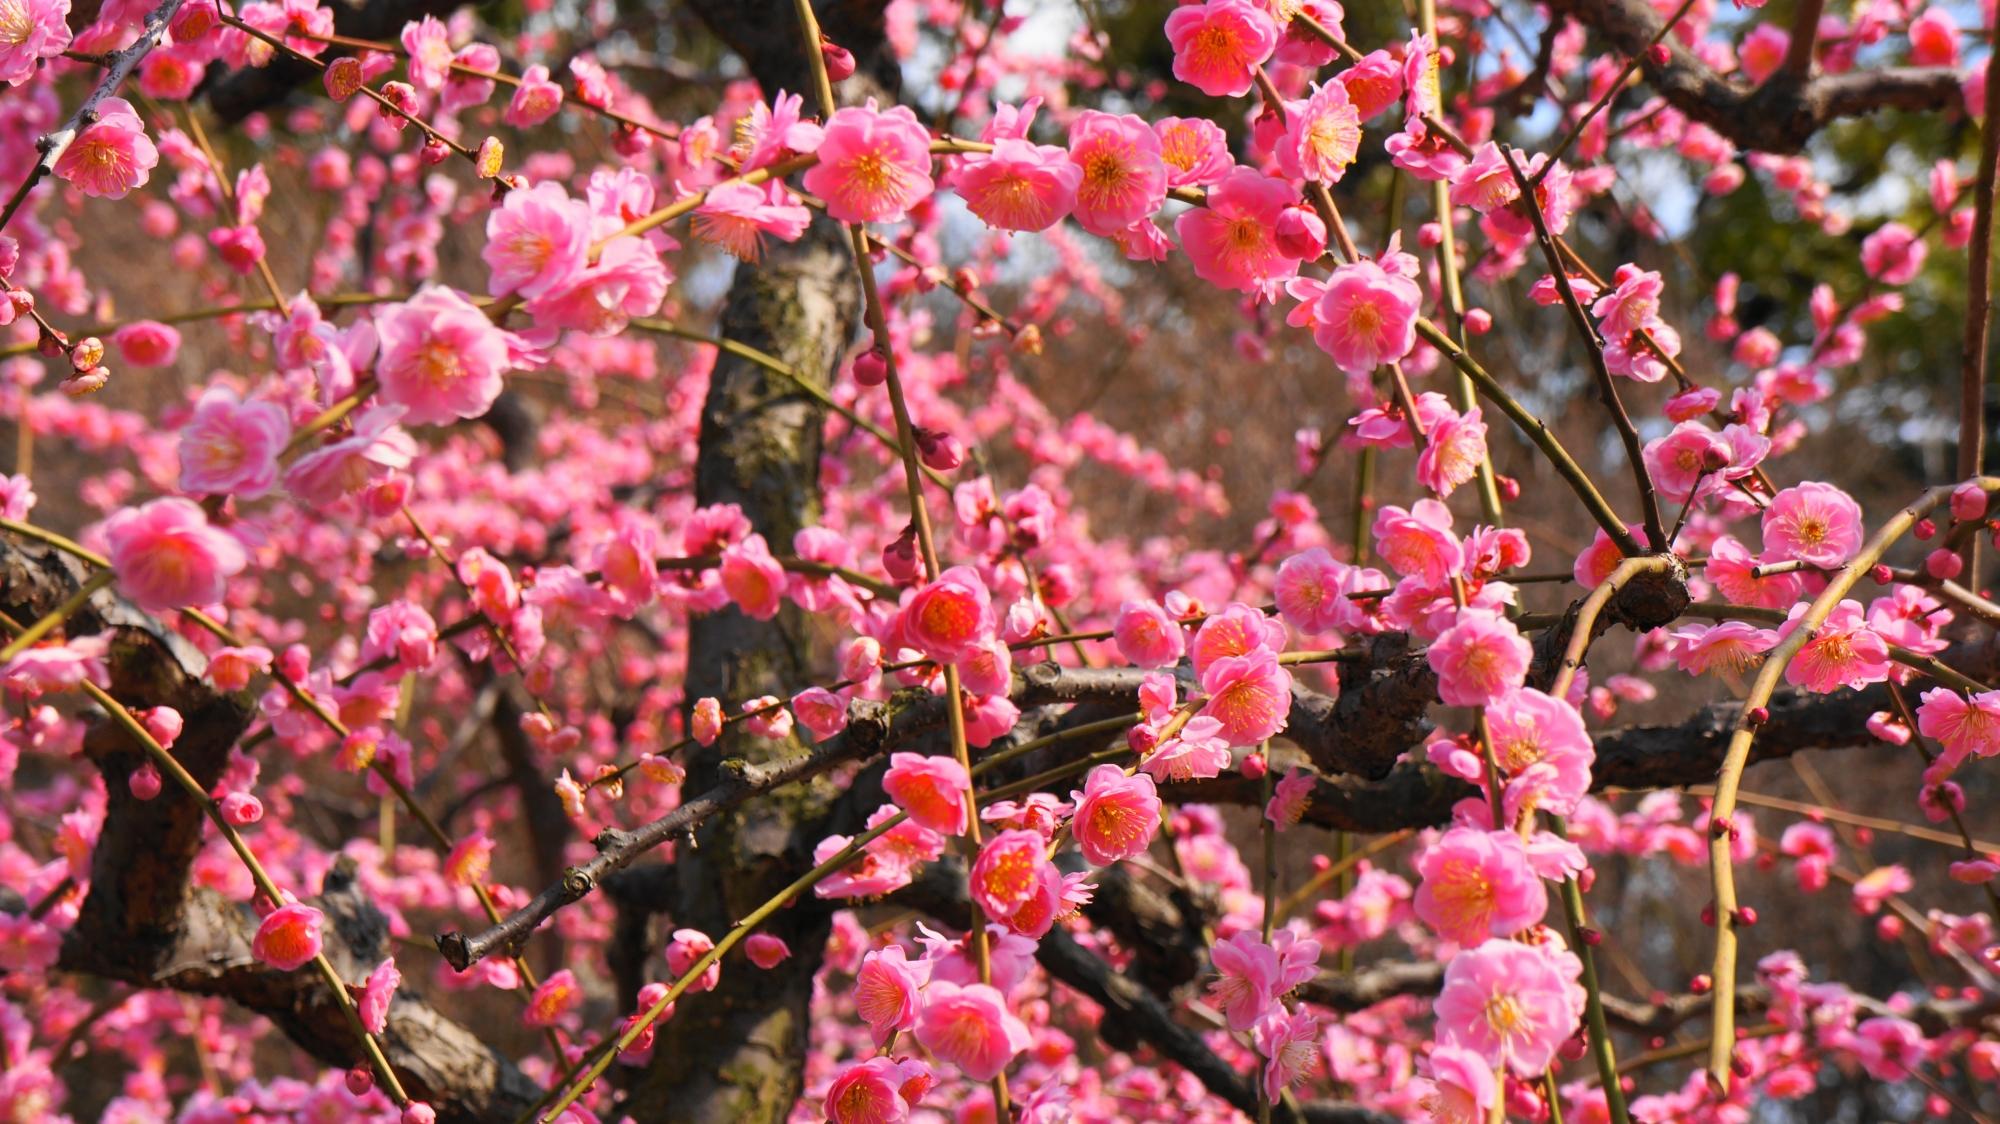 コロコロとした楽しい雰囲気もする梅の花